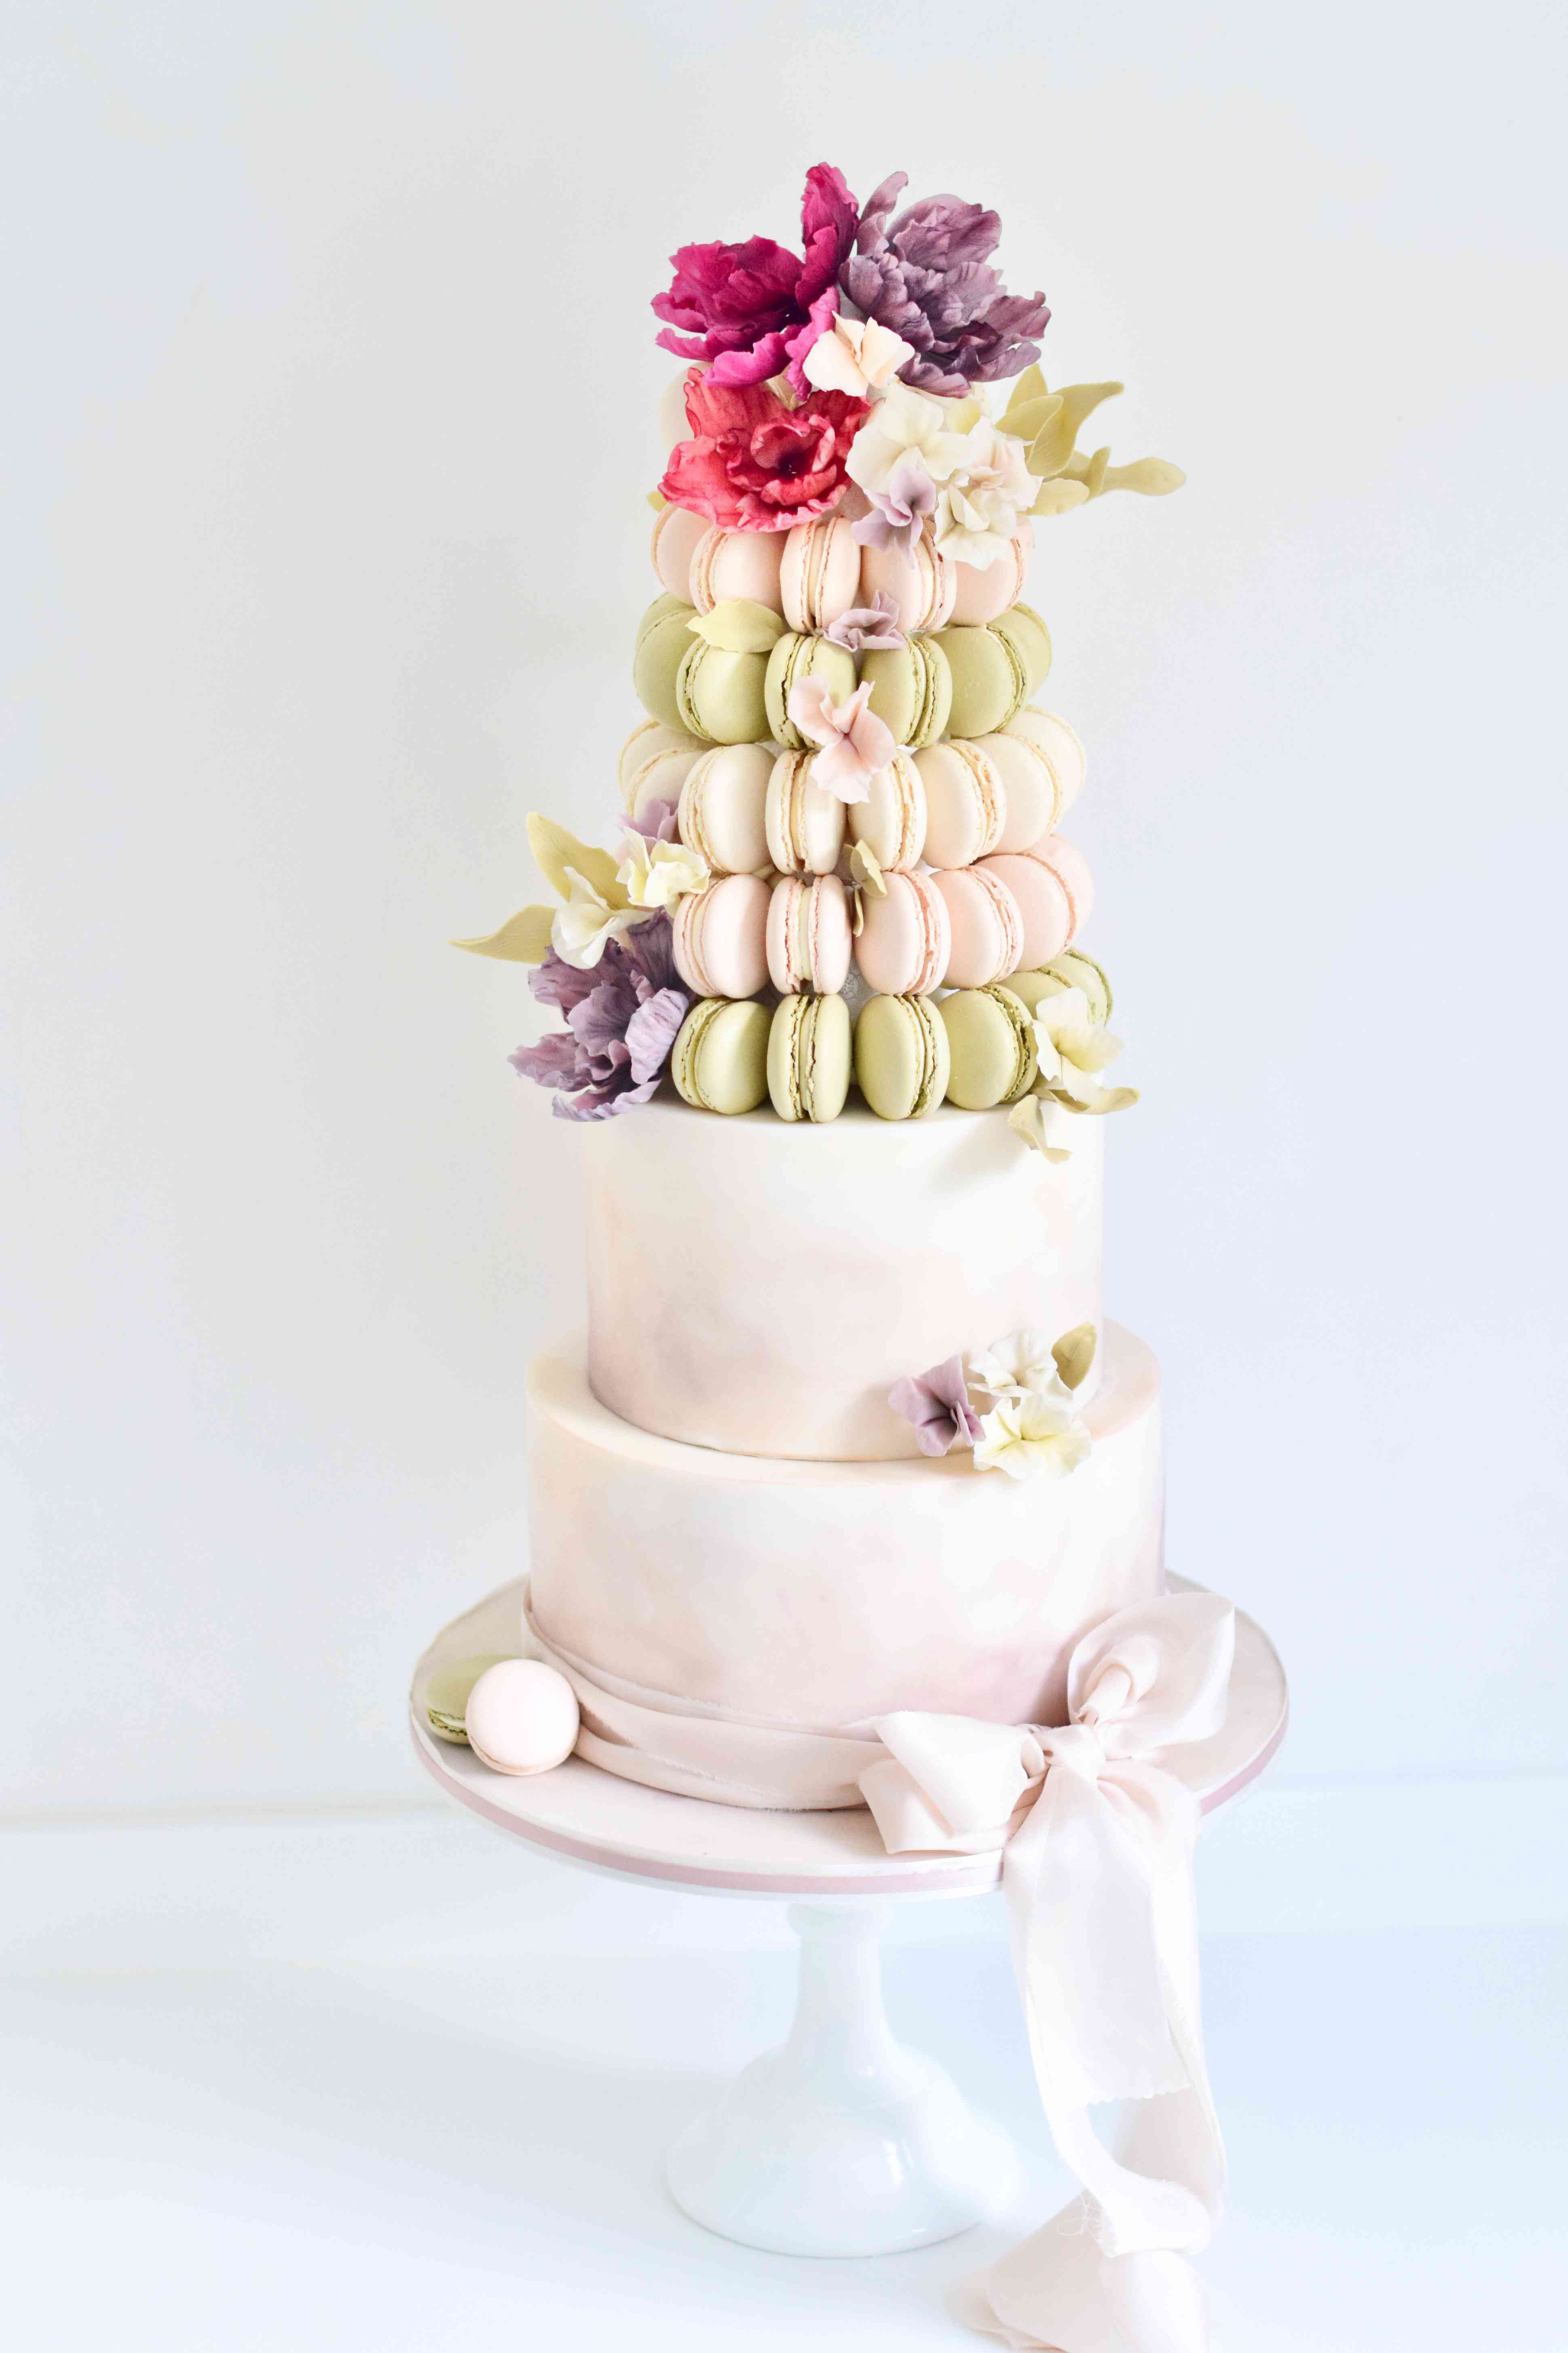 Pastel pink and green macaron wedding cake